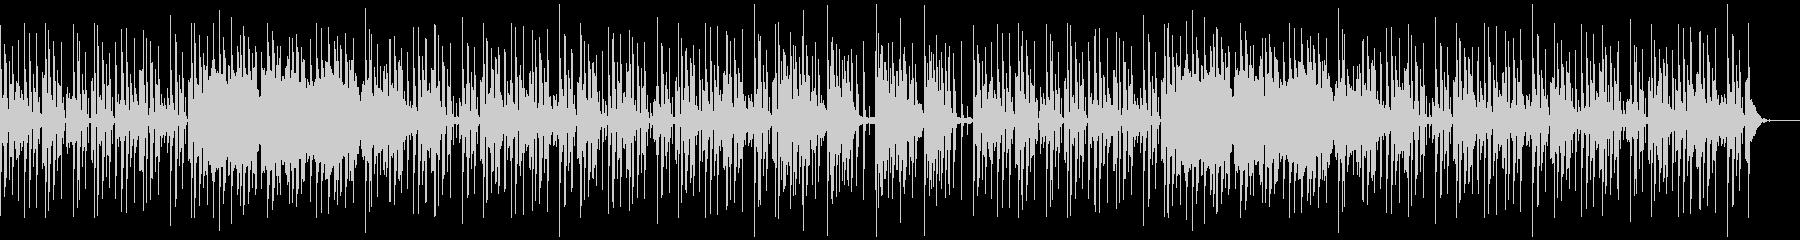 ピアノを使ったクールな感じのエレポップの未再生の波形